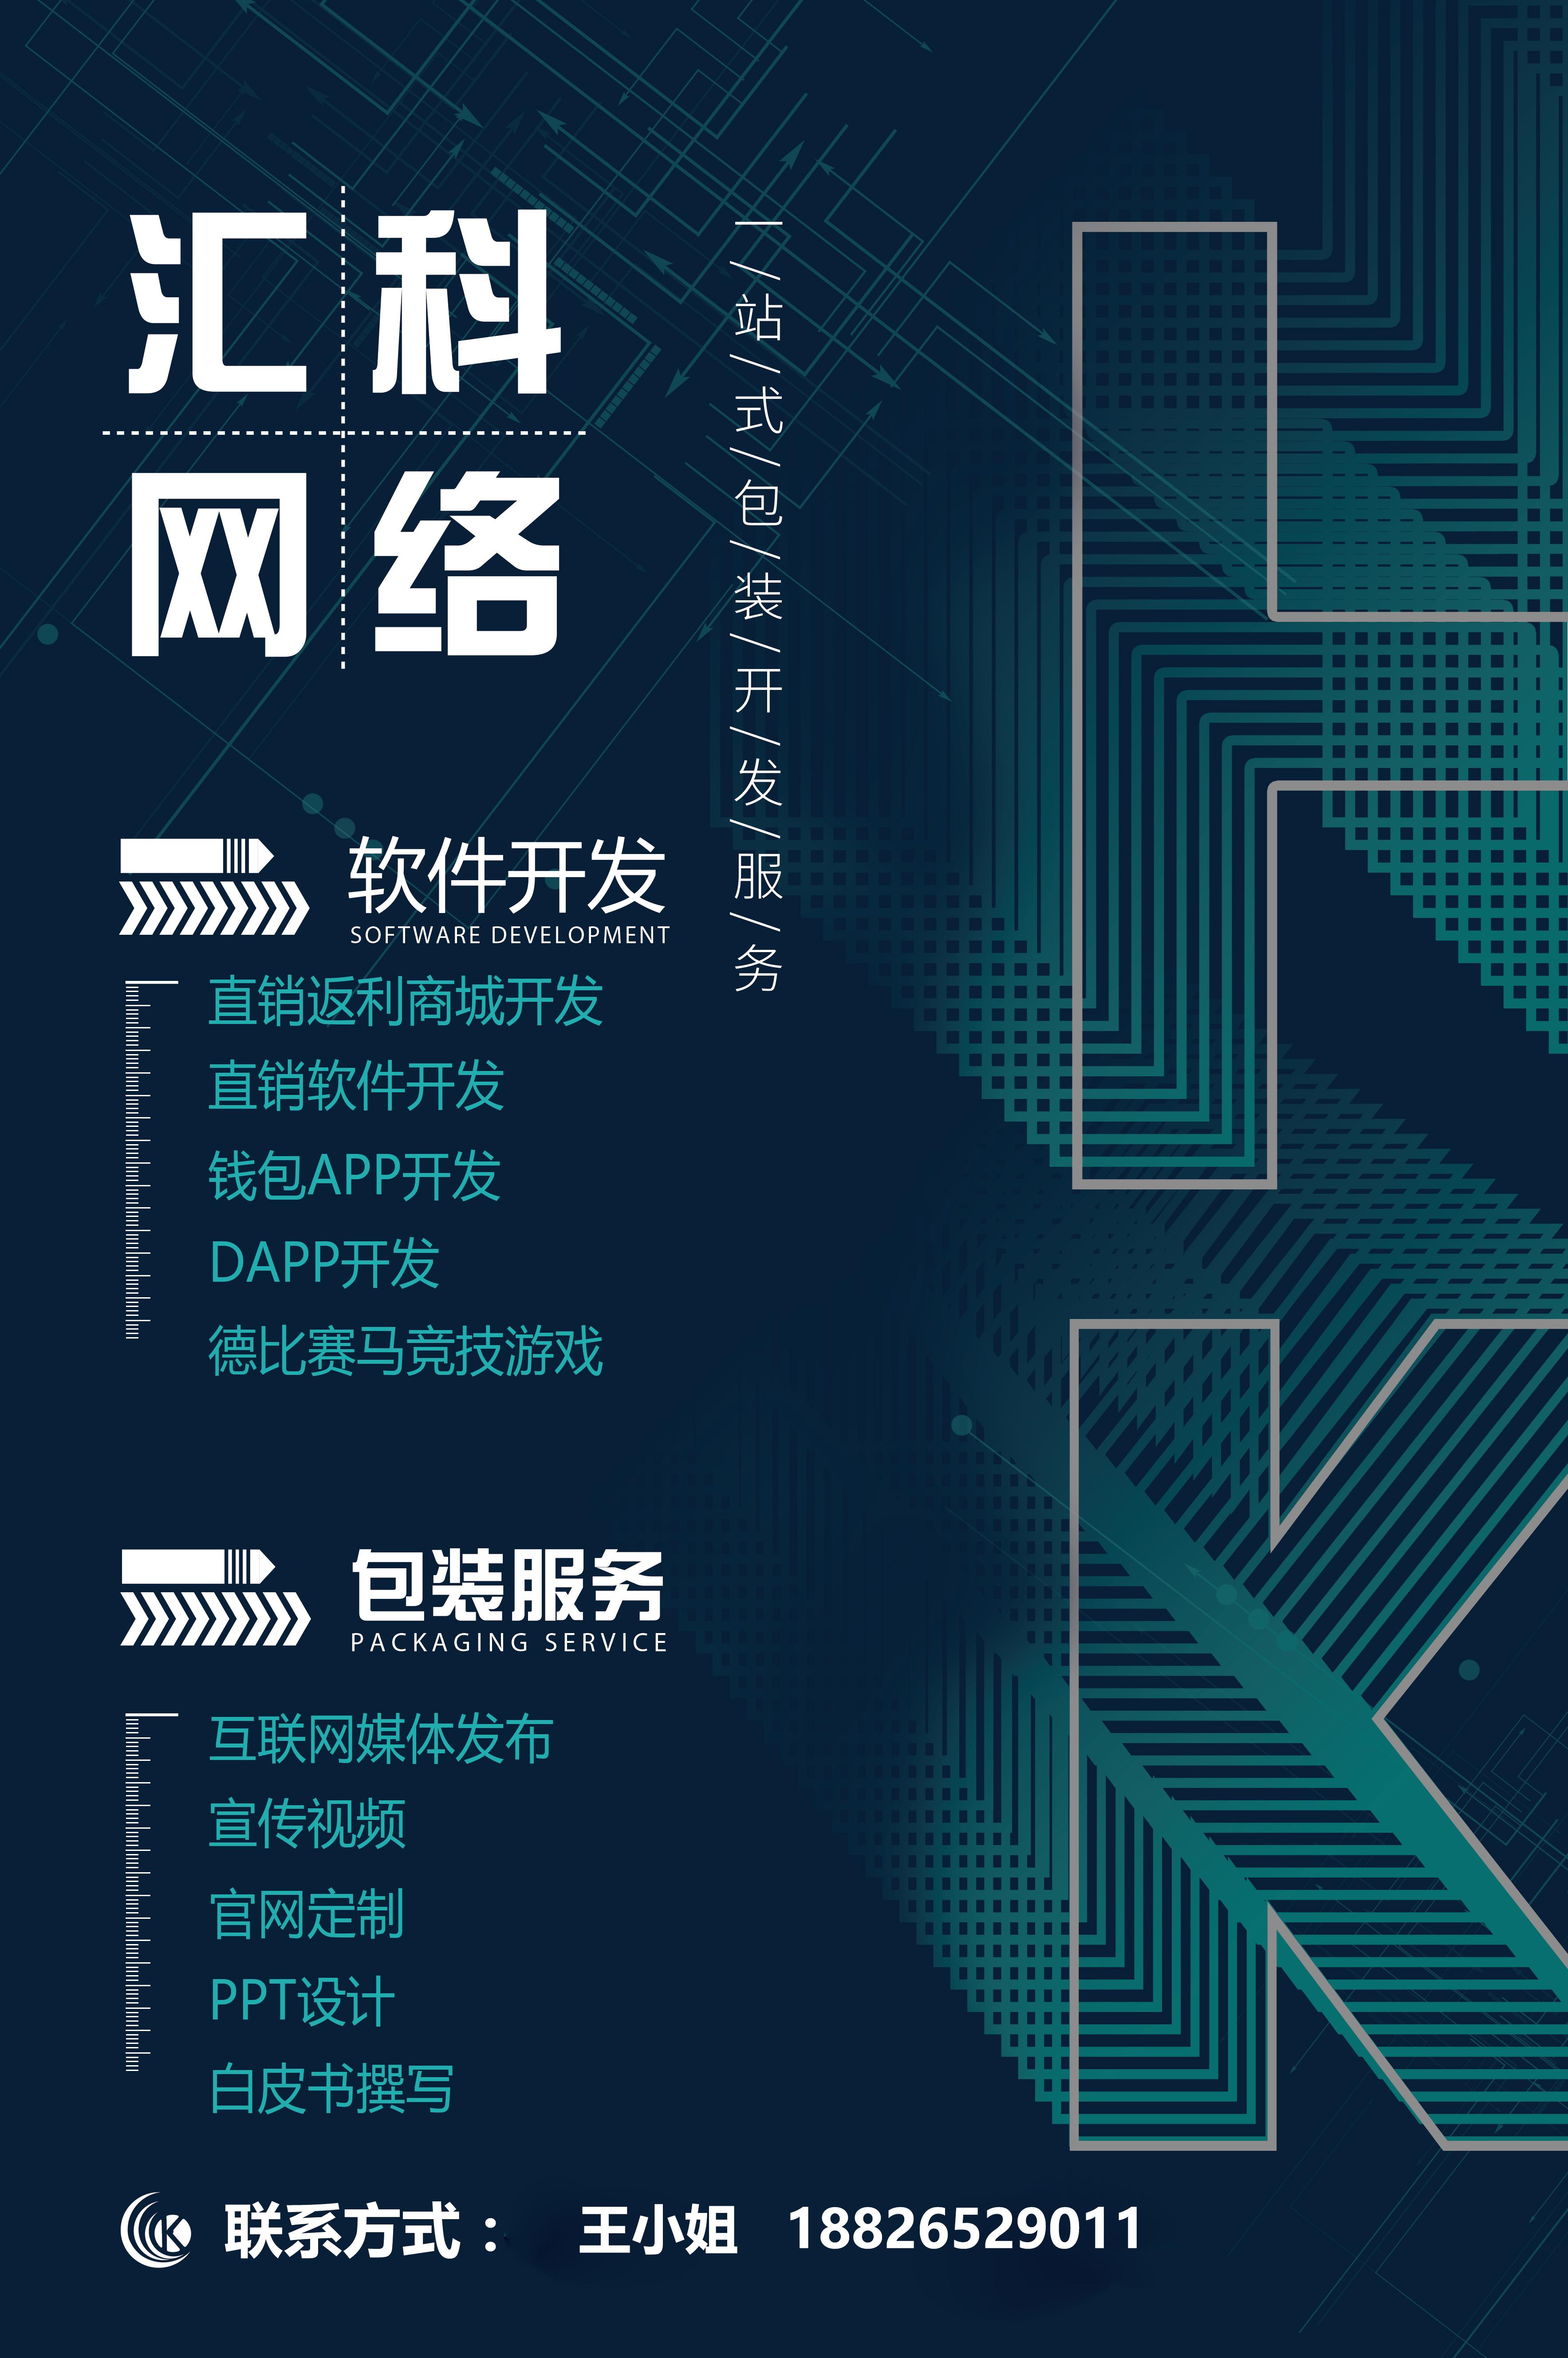 直销软件开发公司-深圳汇科直销系统APP定制开发公司